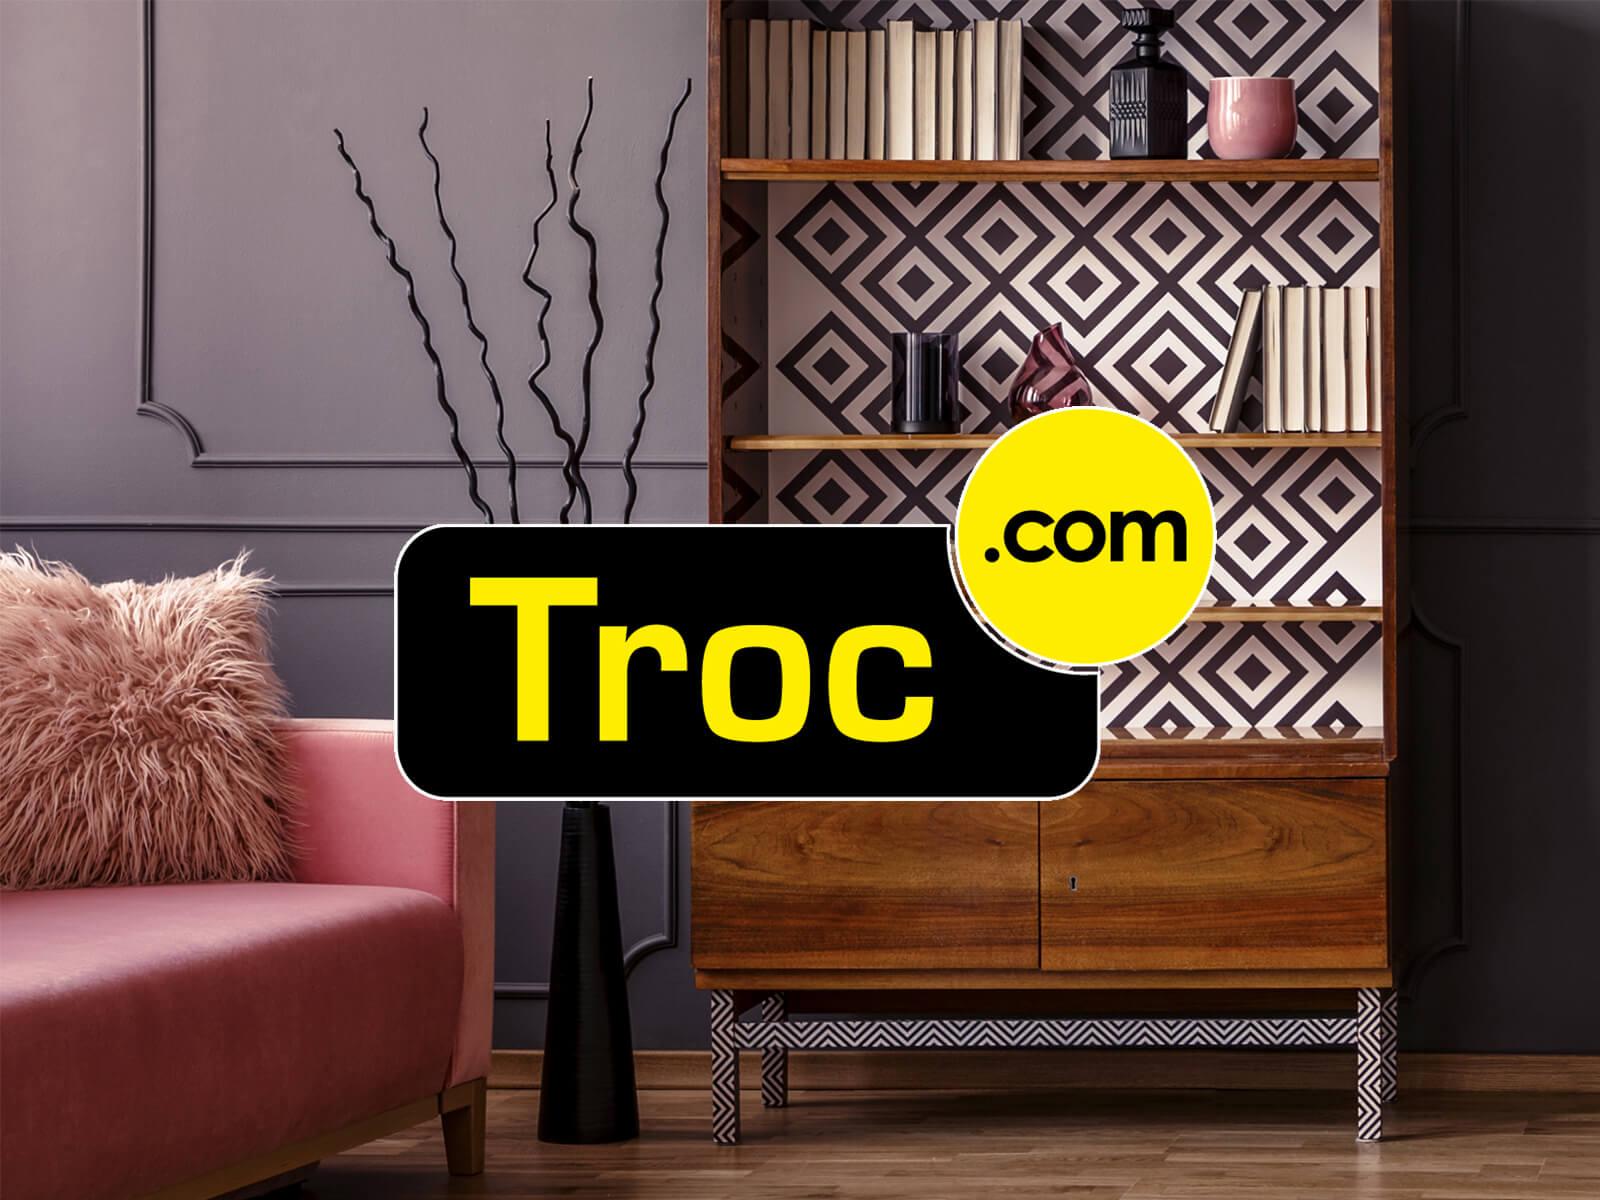 Achat Meubles D'occasion Et Mobilier Professionnel Sur Troc concernant Salon De Jardin D Occasion